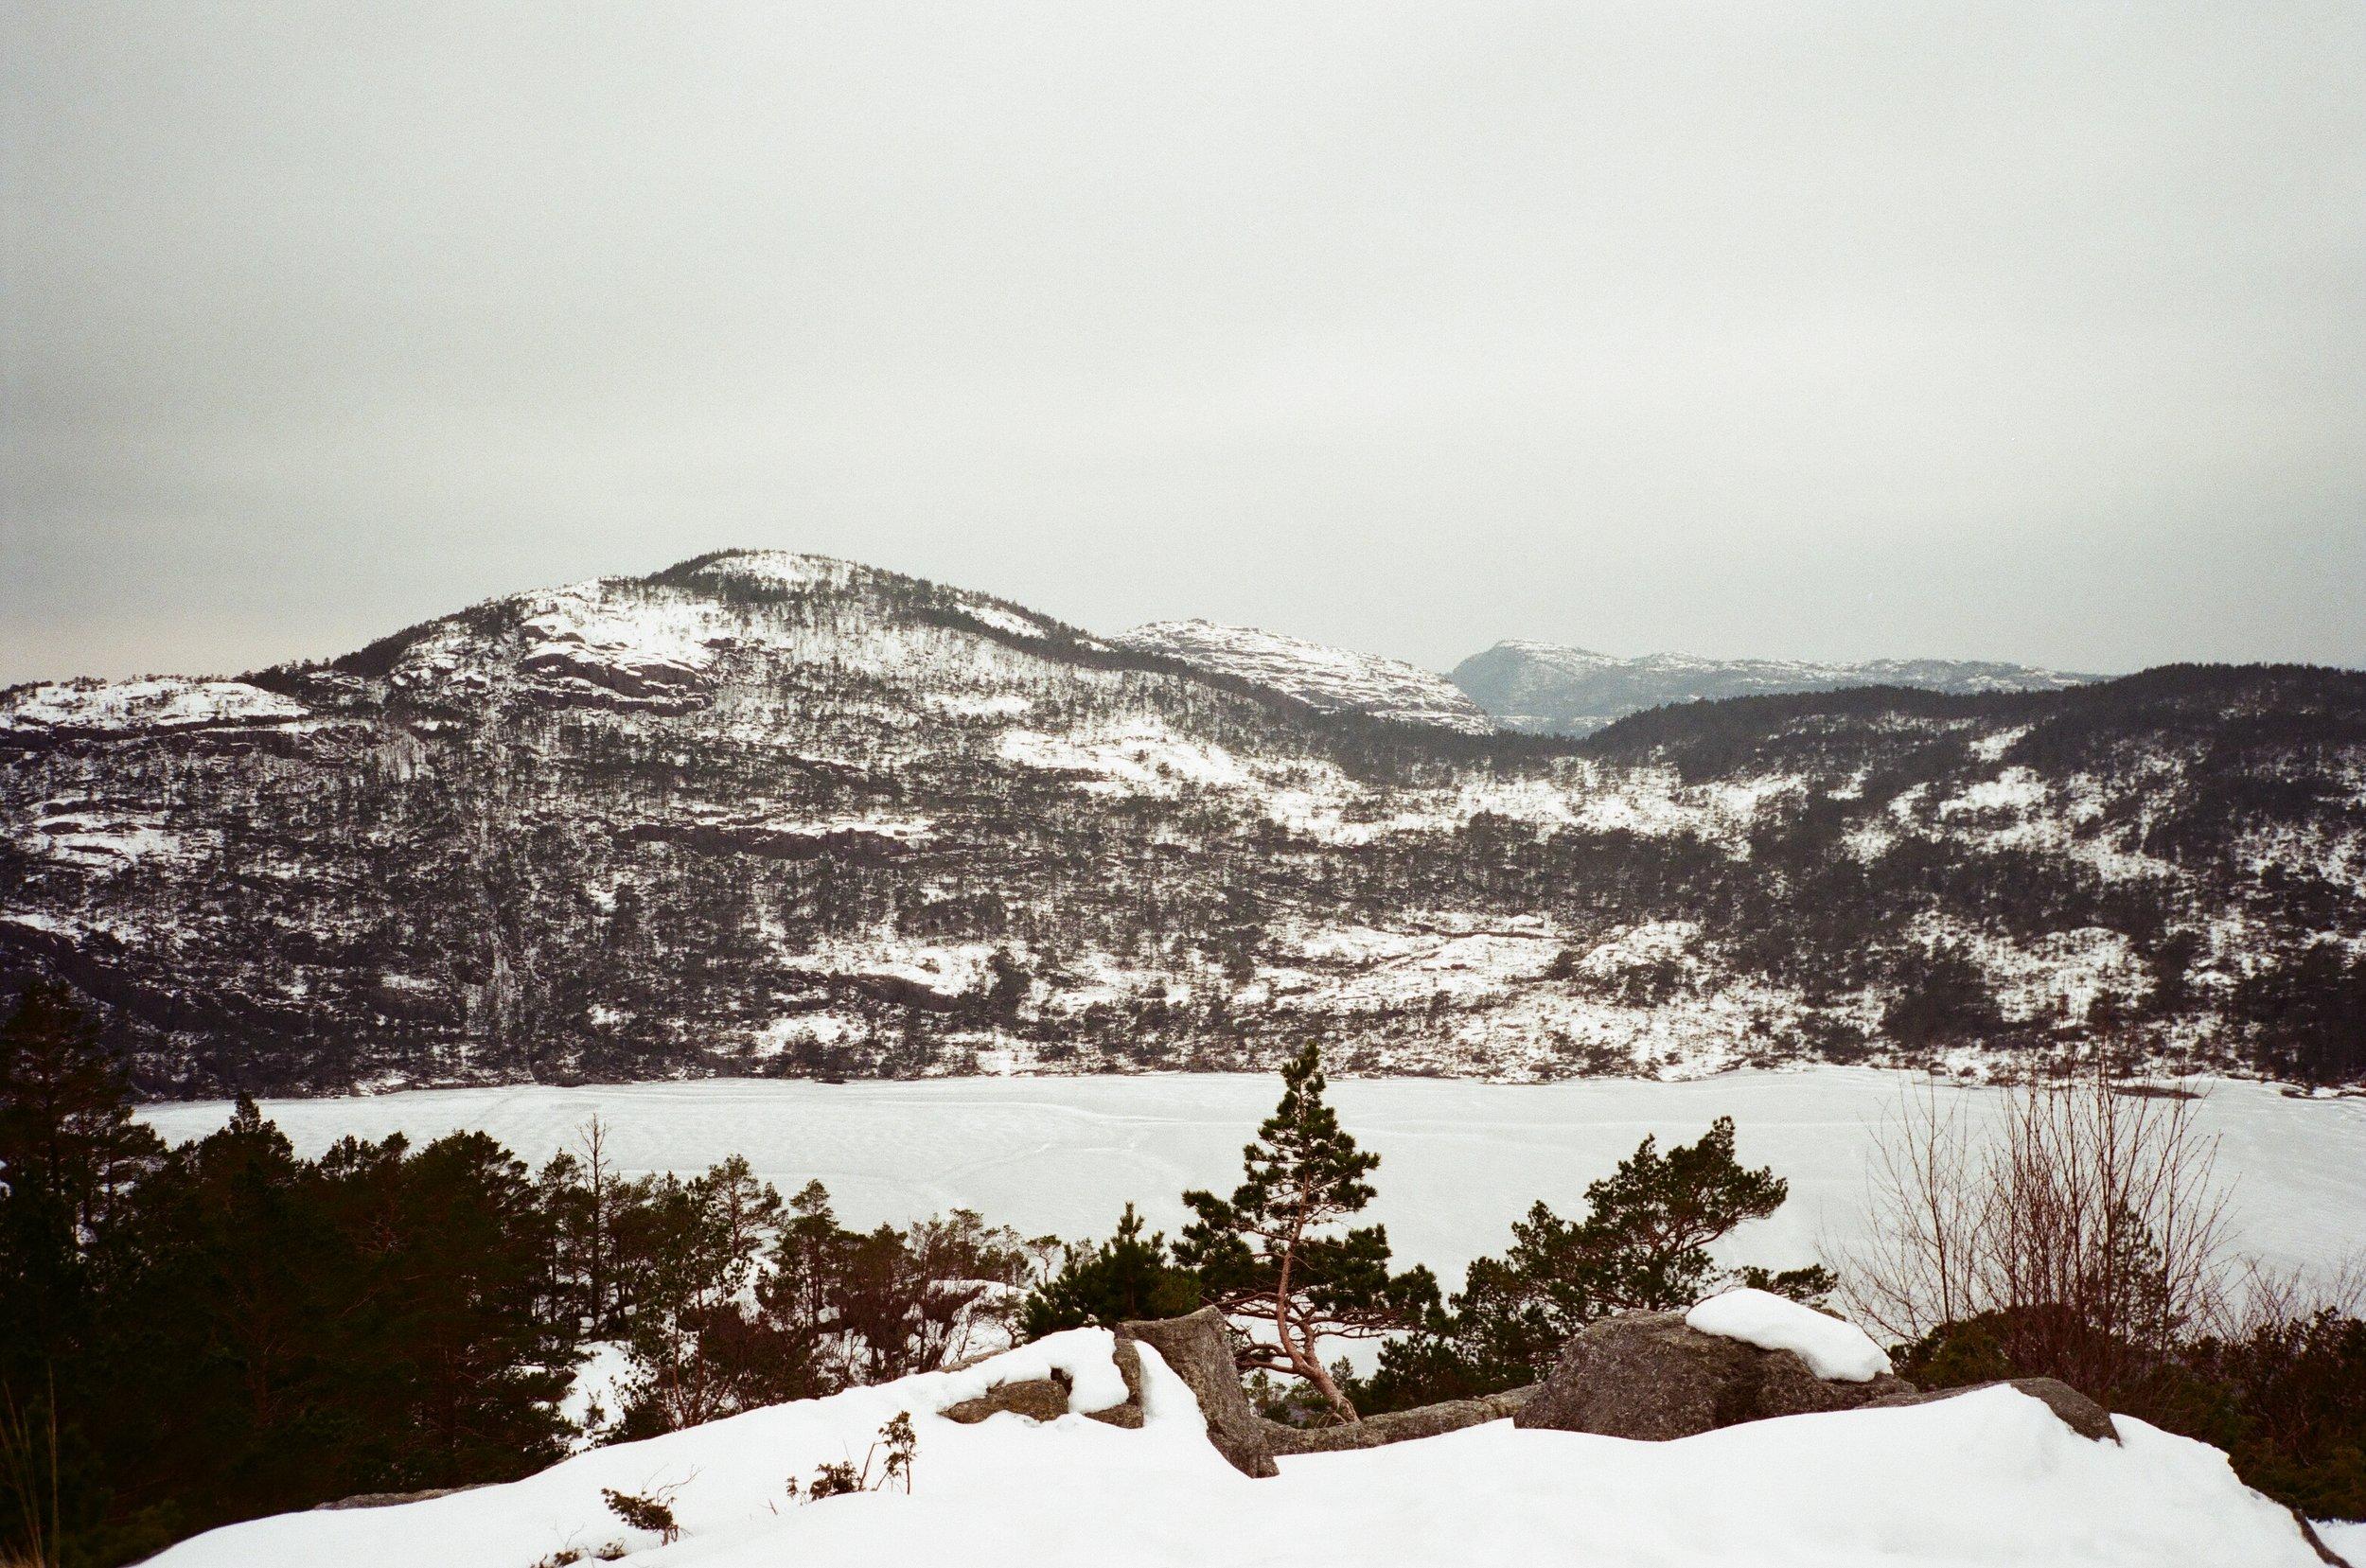 沿路風景都是白白的,雪厚厚的,風冰冰的,身體卻是熱熱的。